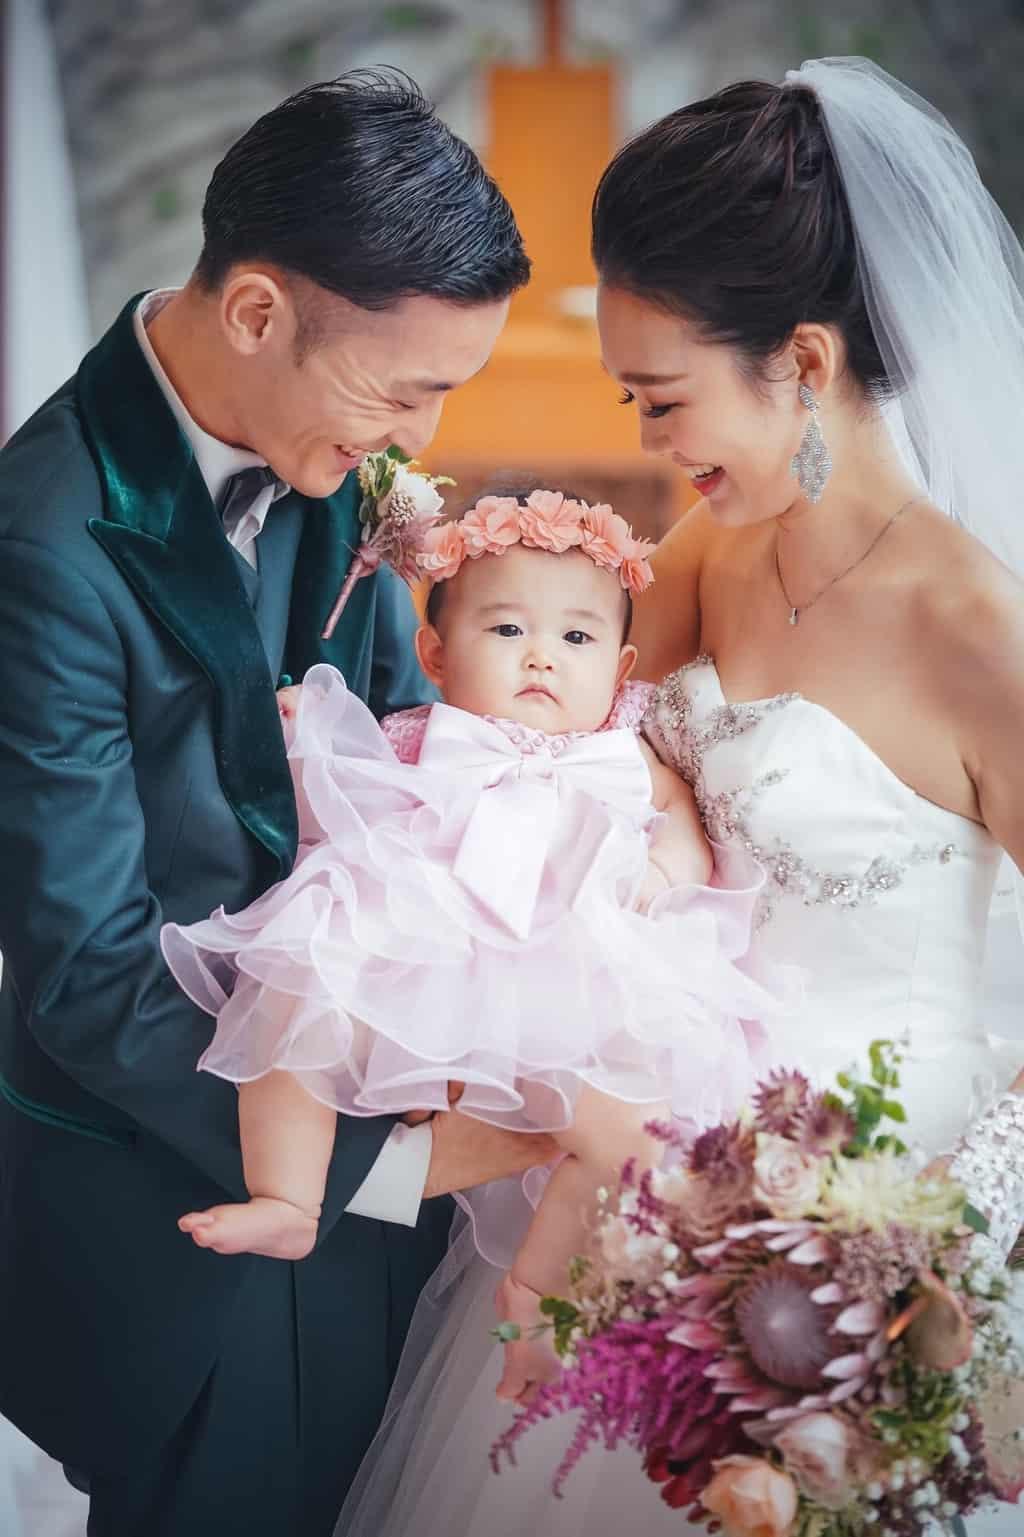 結婚式におすすめベビードレス22選!選び方やおしゃれなコーデも紹介♡のカバー写真